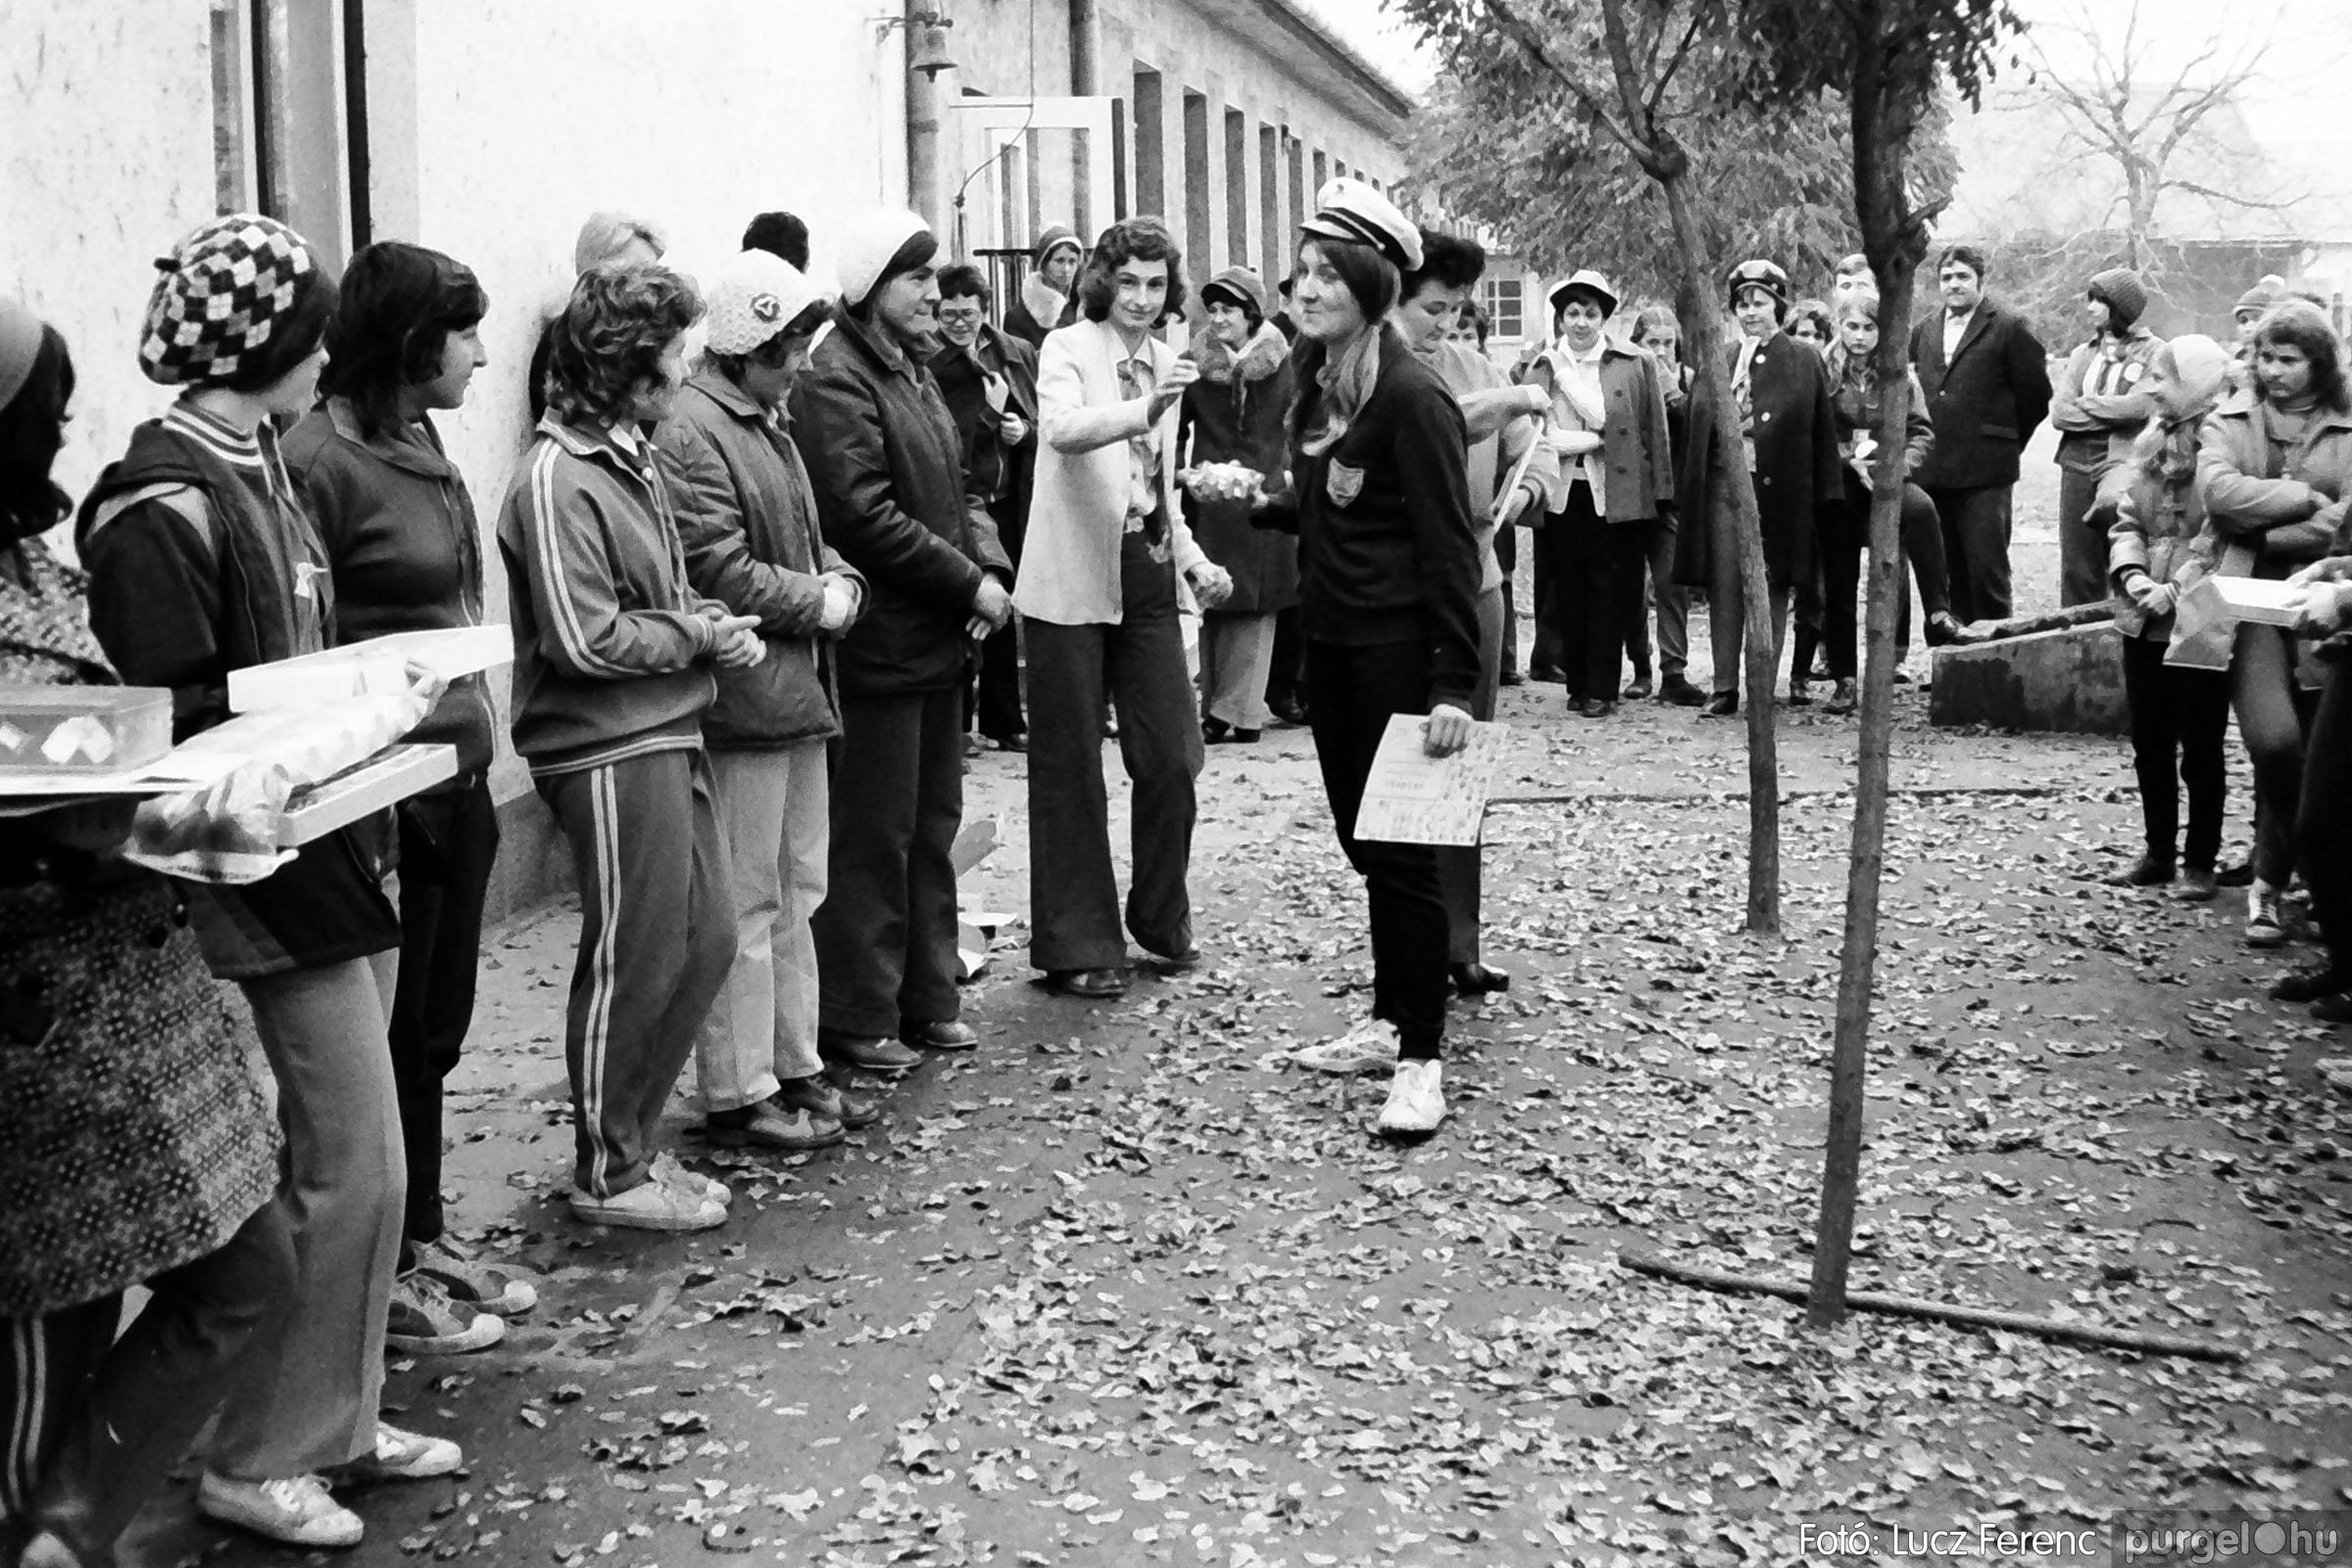 004A 1970-es évek - Úttörő rendezvény 022 - Fotó: Lucz Ferenc IMG00033q.jpg